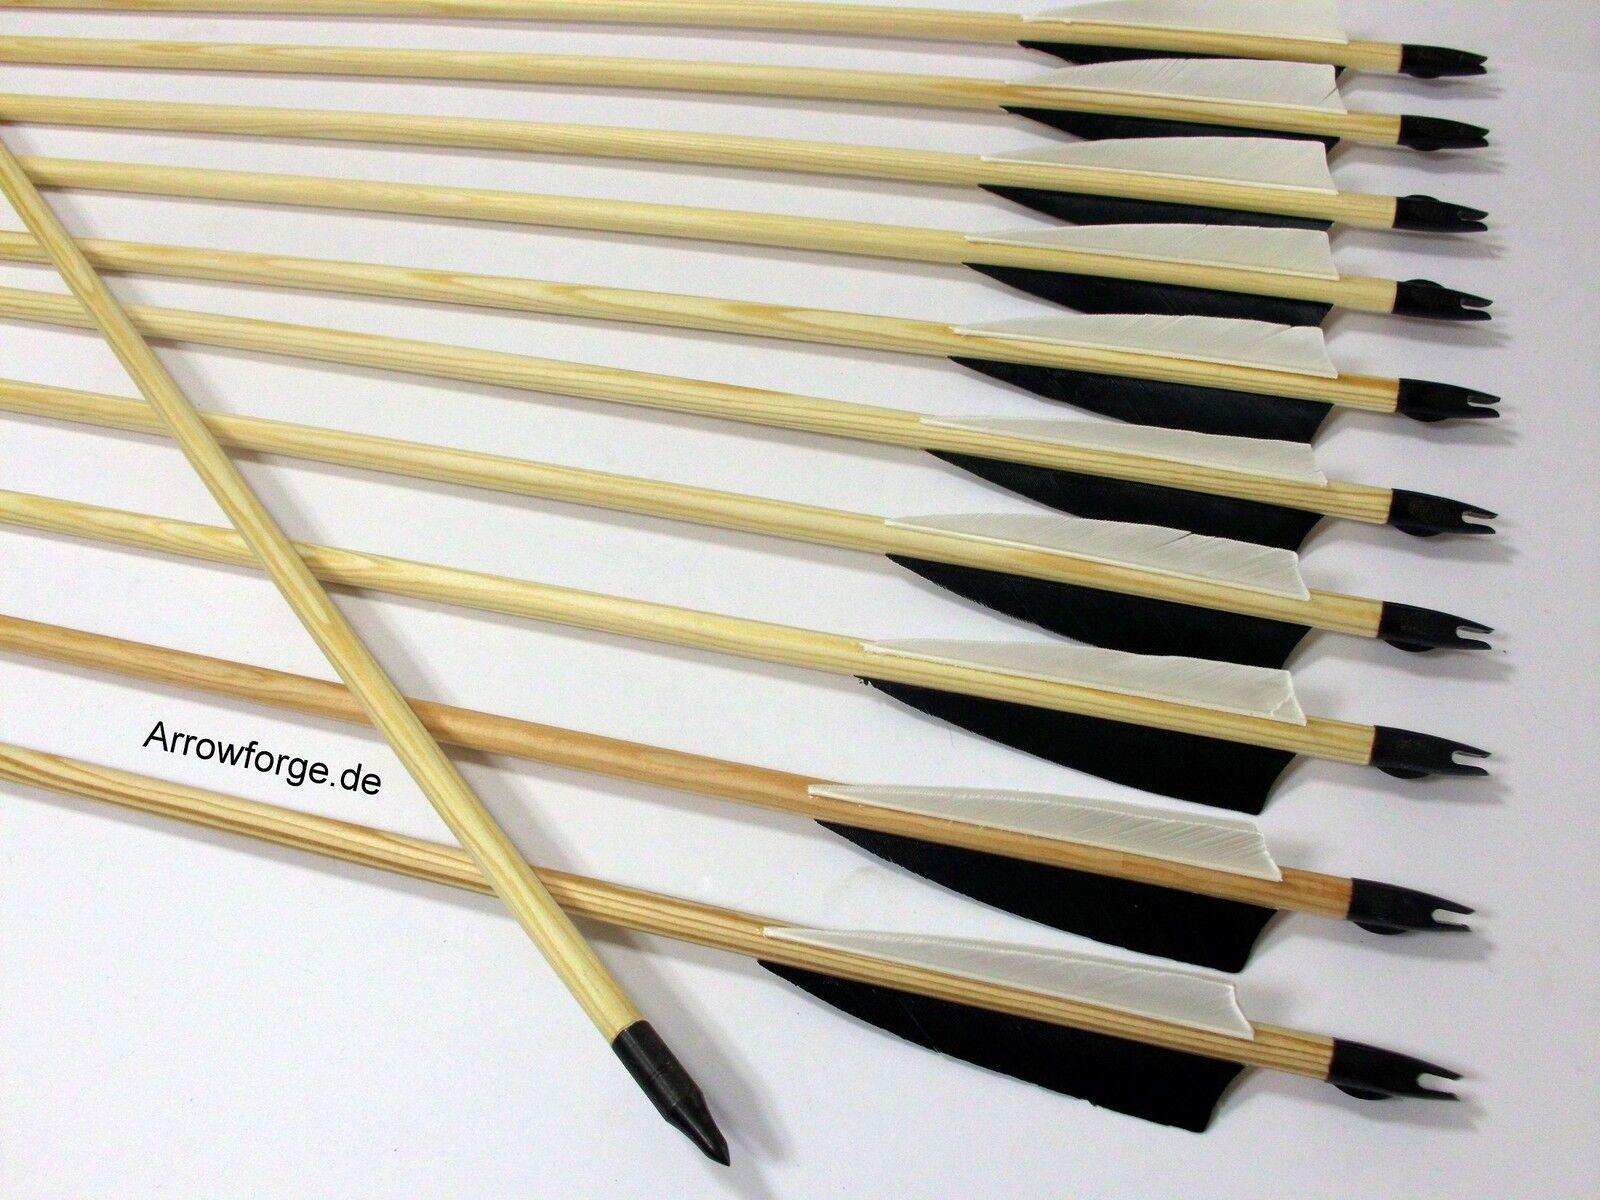 20x Holzpfeile  Langbogenpfeile Pfeile traditionell Langbogen 4  Shield